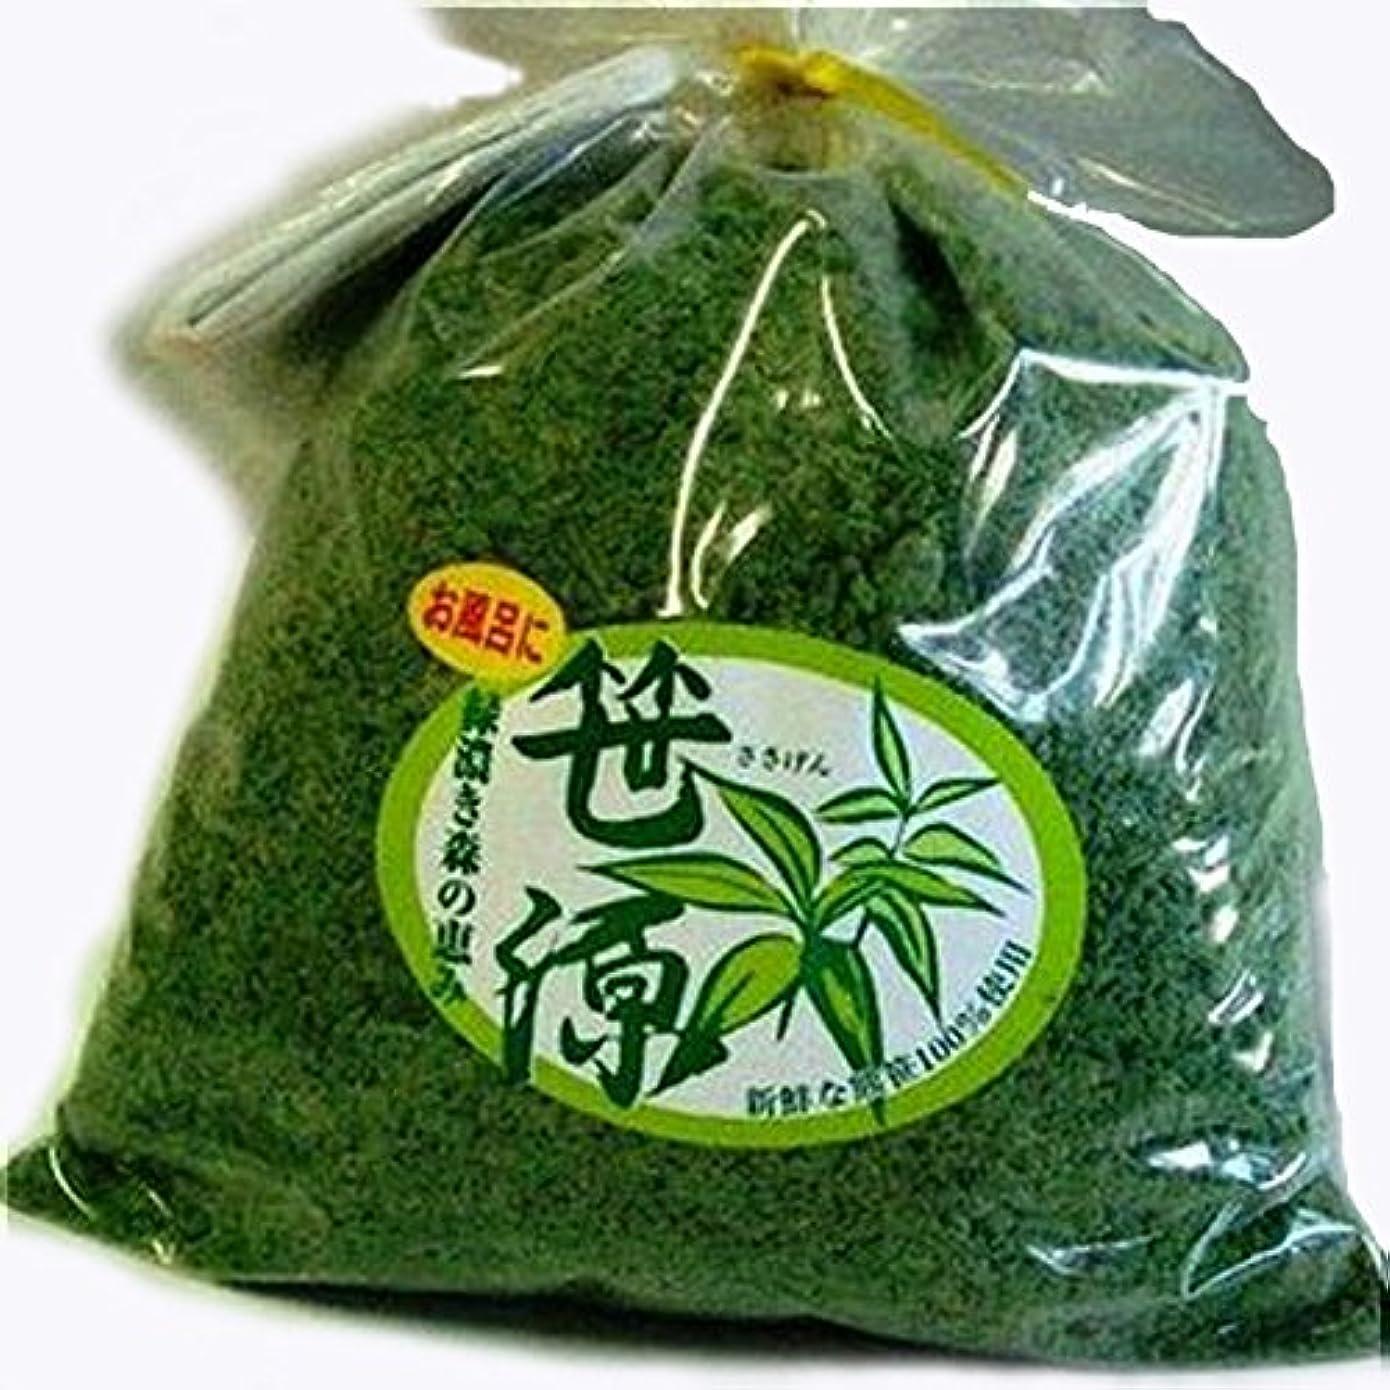 まぶしさ泥要塞【産地直送】長野県産クマ笹 笹源(生)1kg 無添加浴用剤